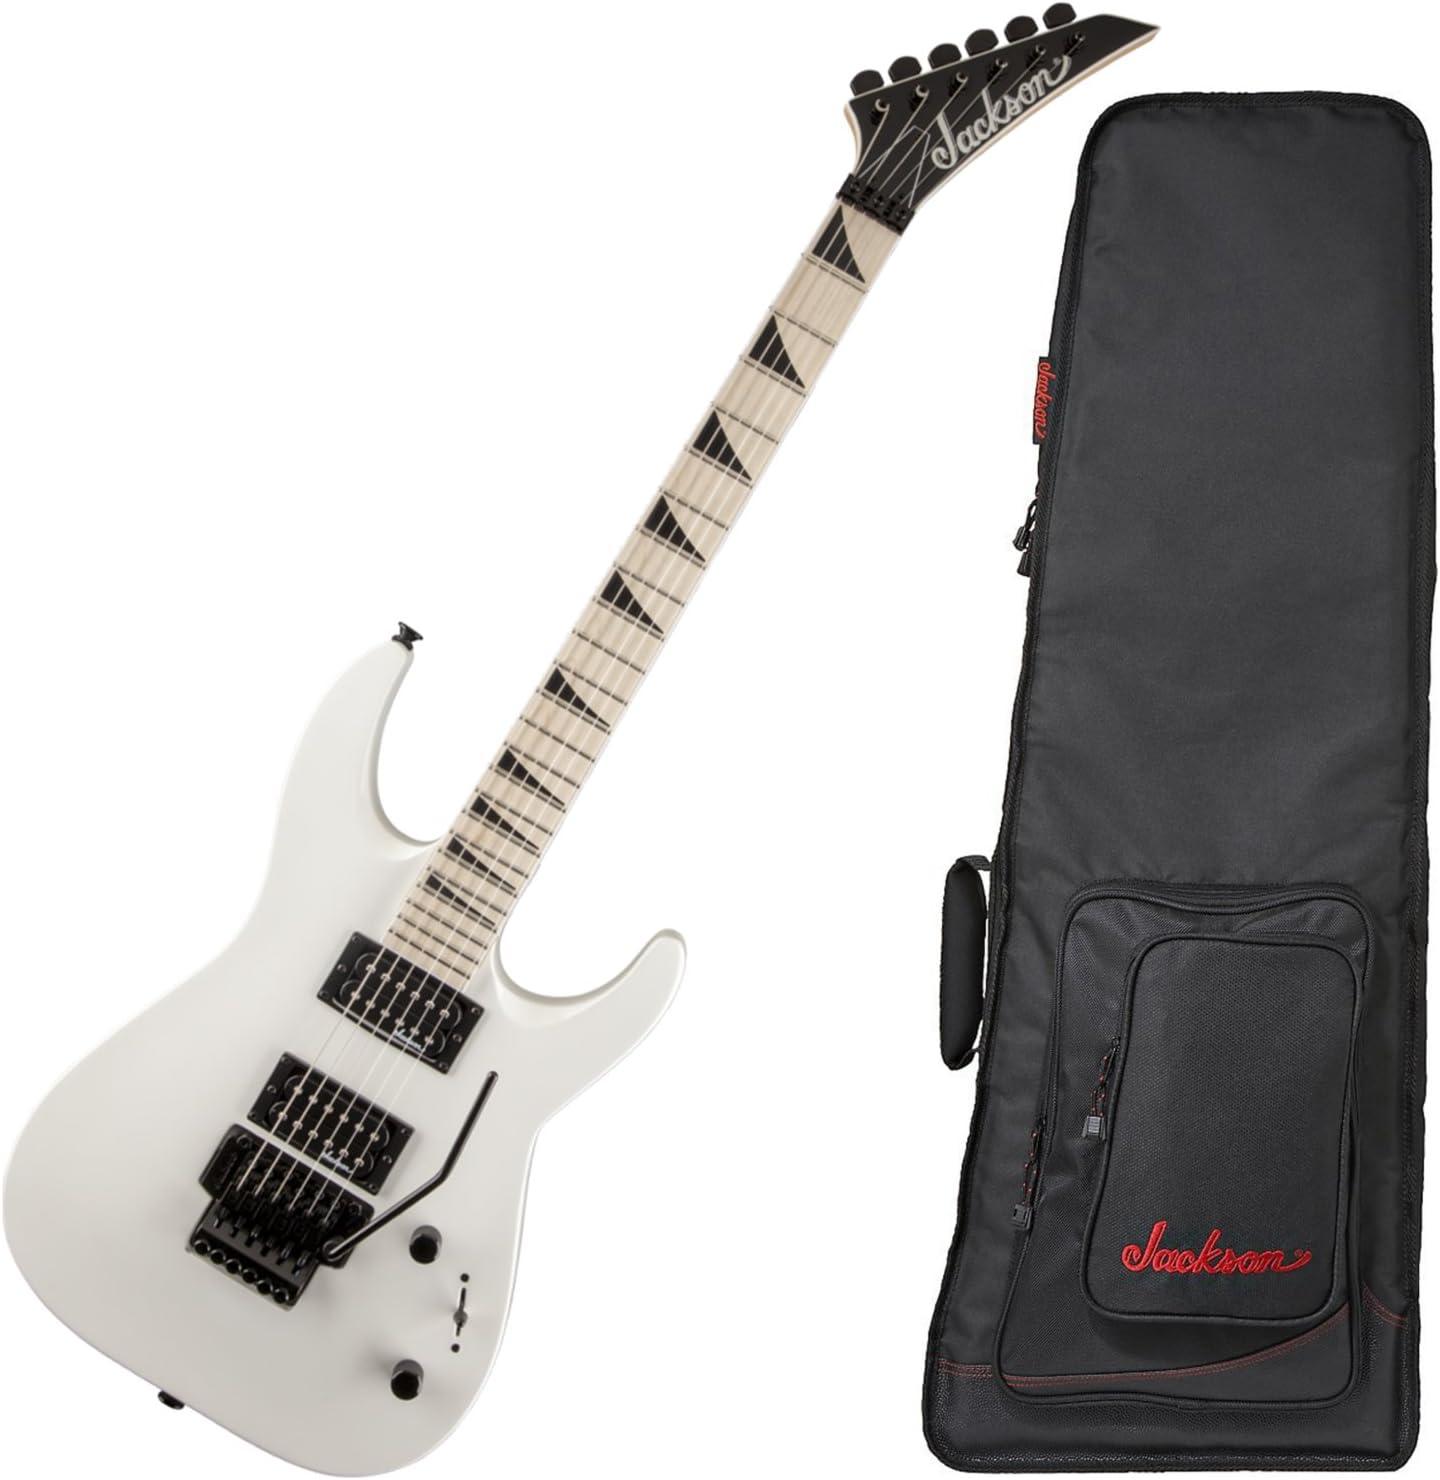 Jackson JS32 Dinky dka-m nieve blanco guitarra eléctrica w/funda ...